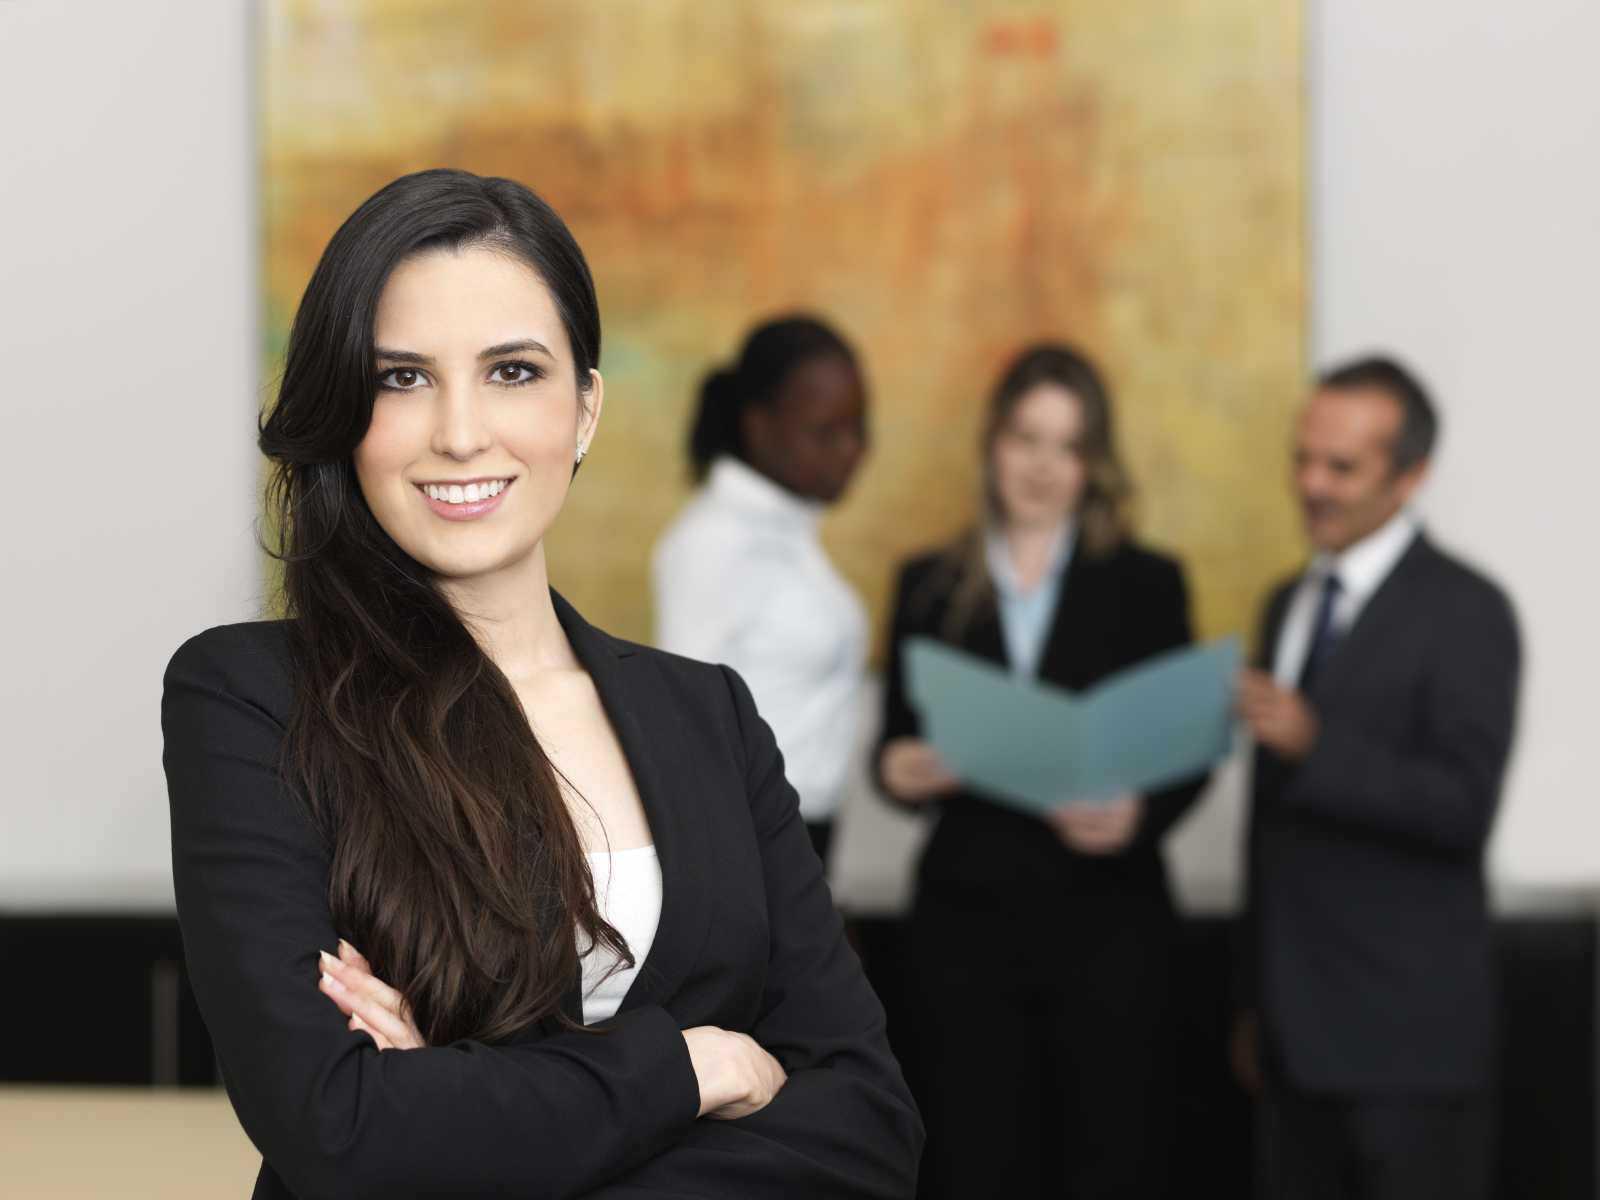 Бизнес для женщин - советы Ким Кийосаки